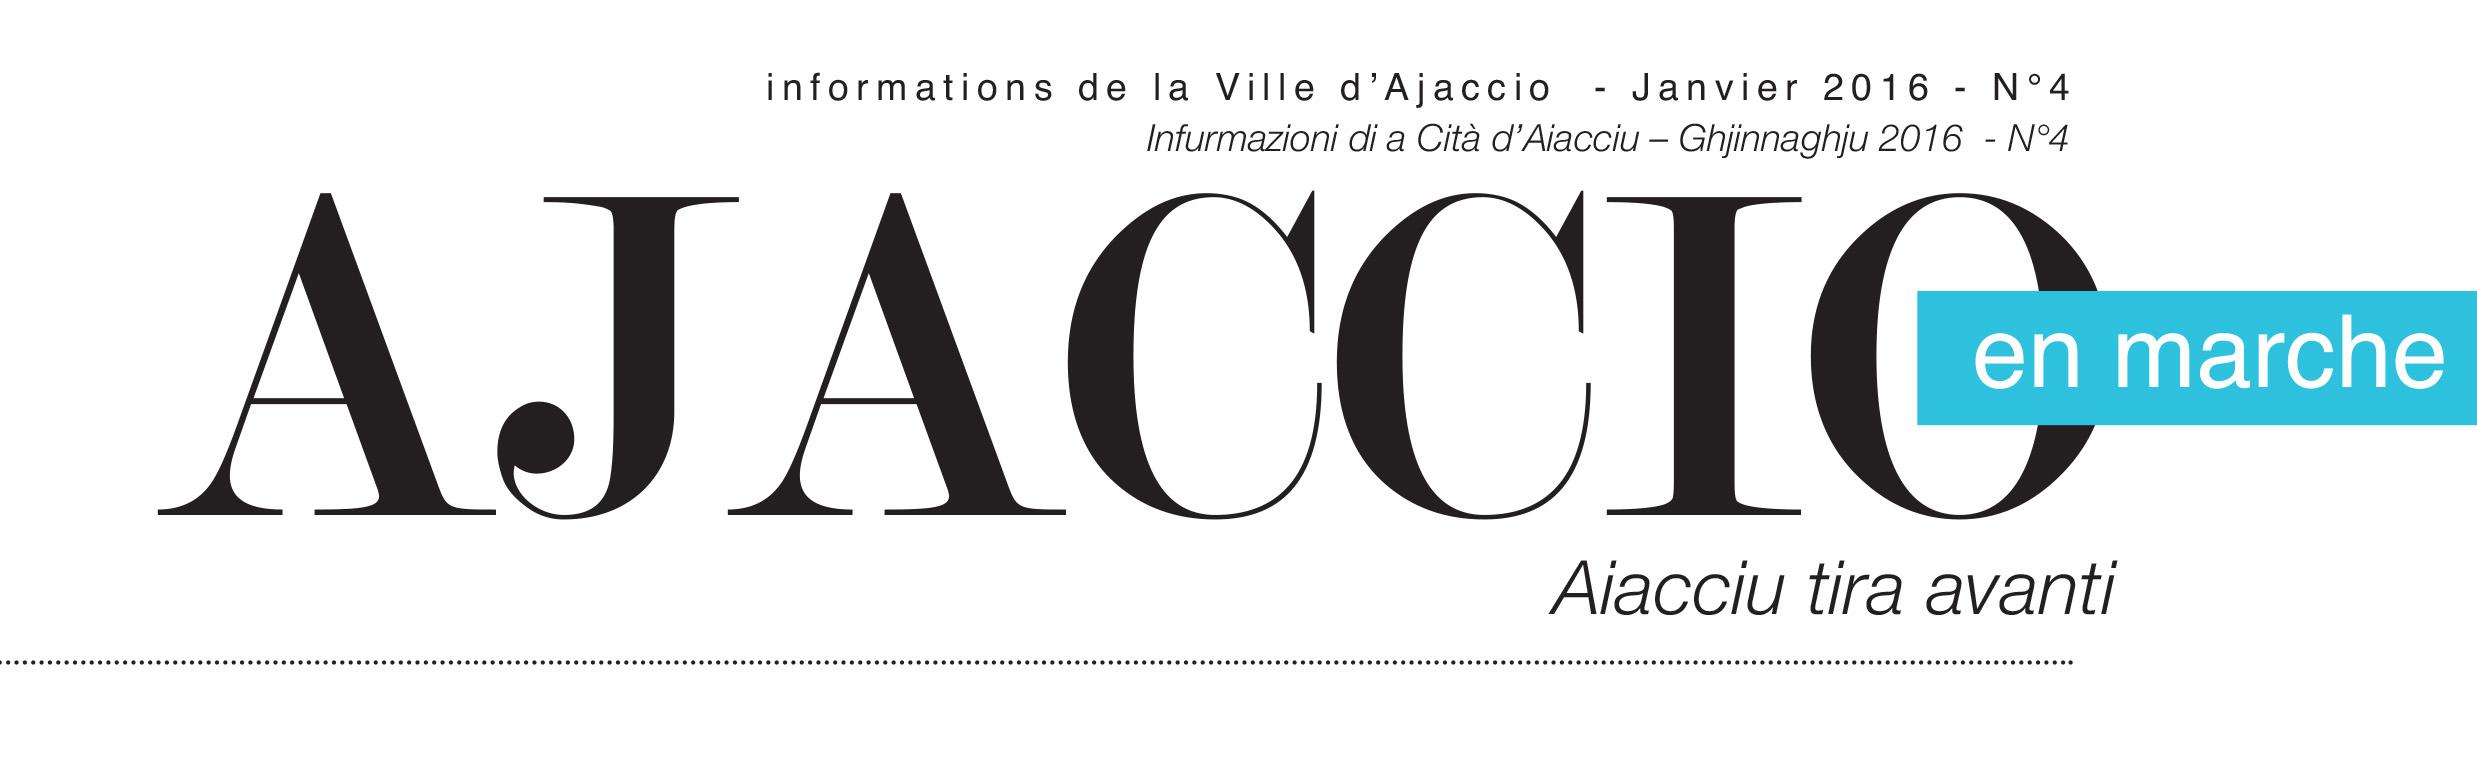 Recevez-vous le journal de la Ville AJACCIO EN MARCHE